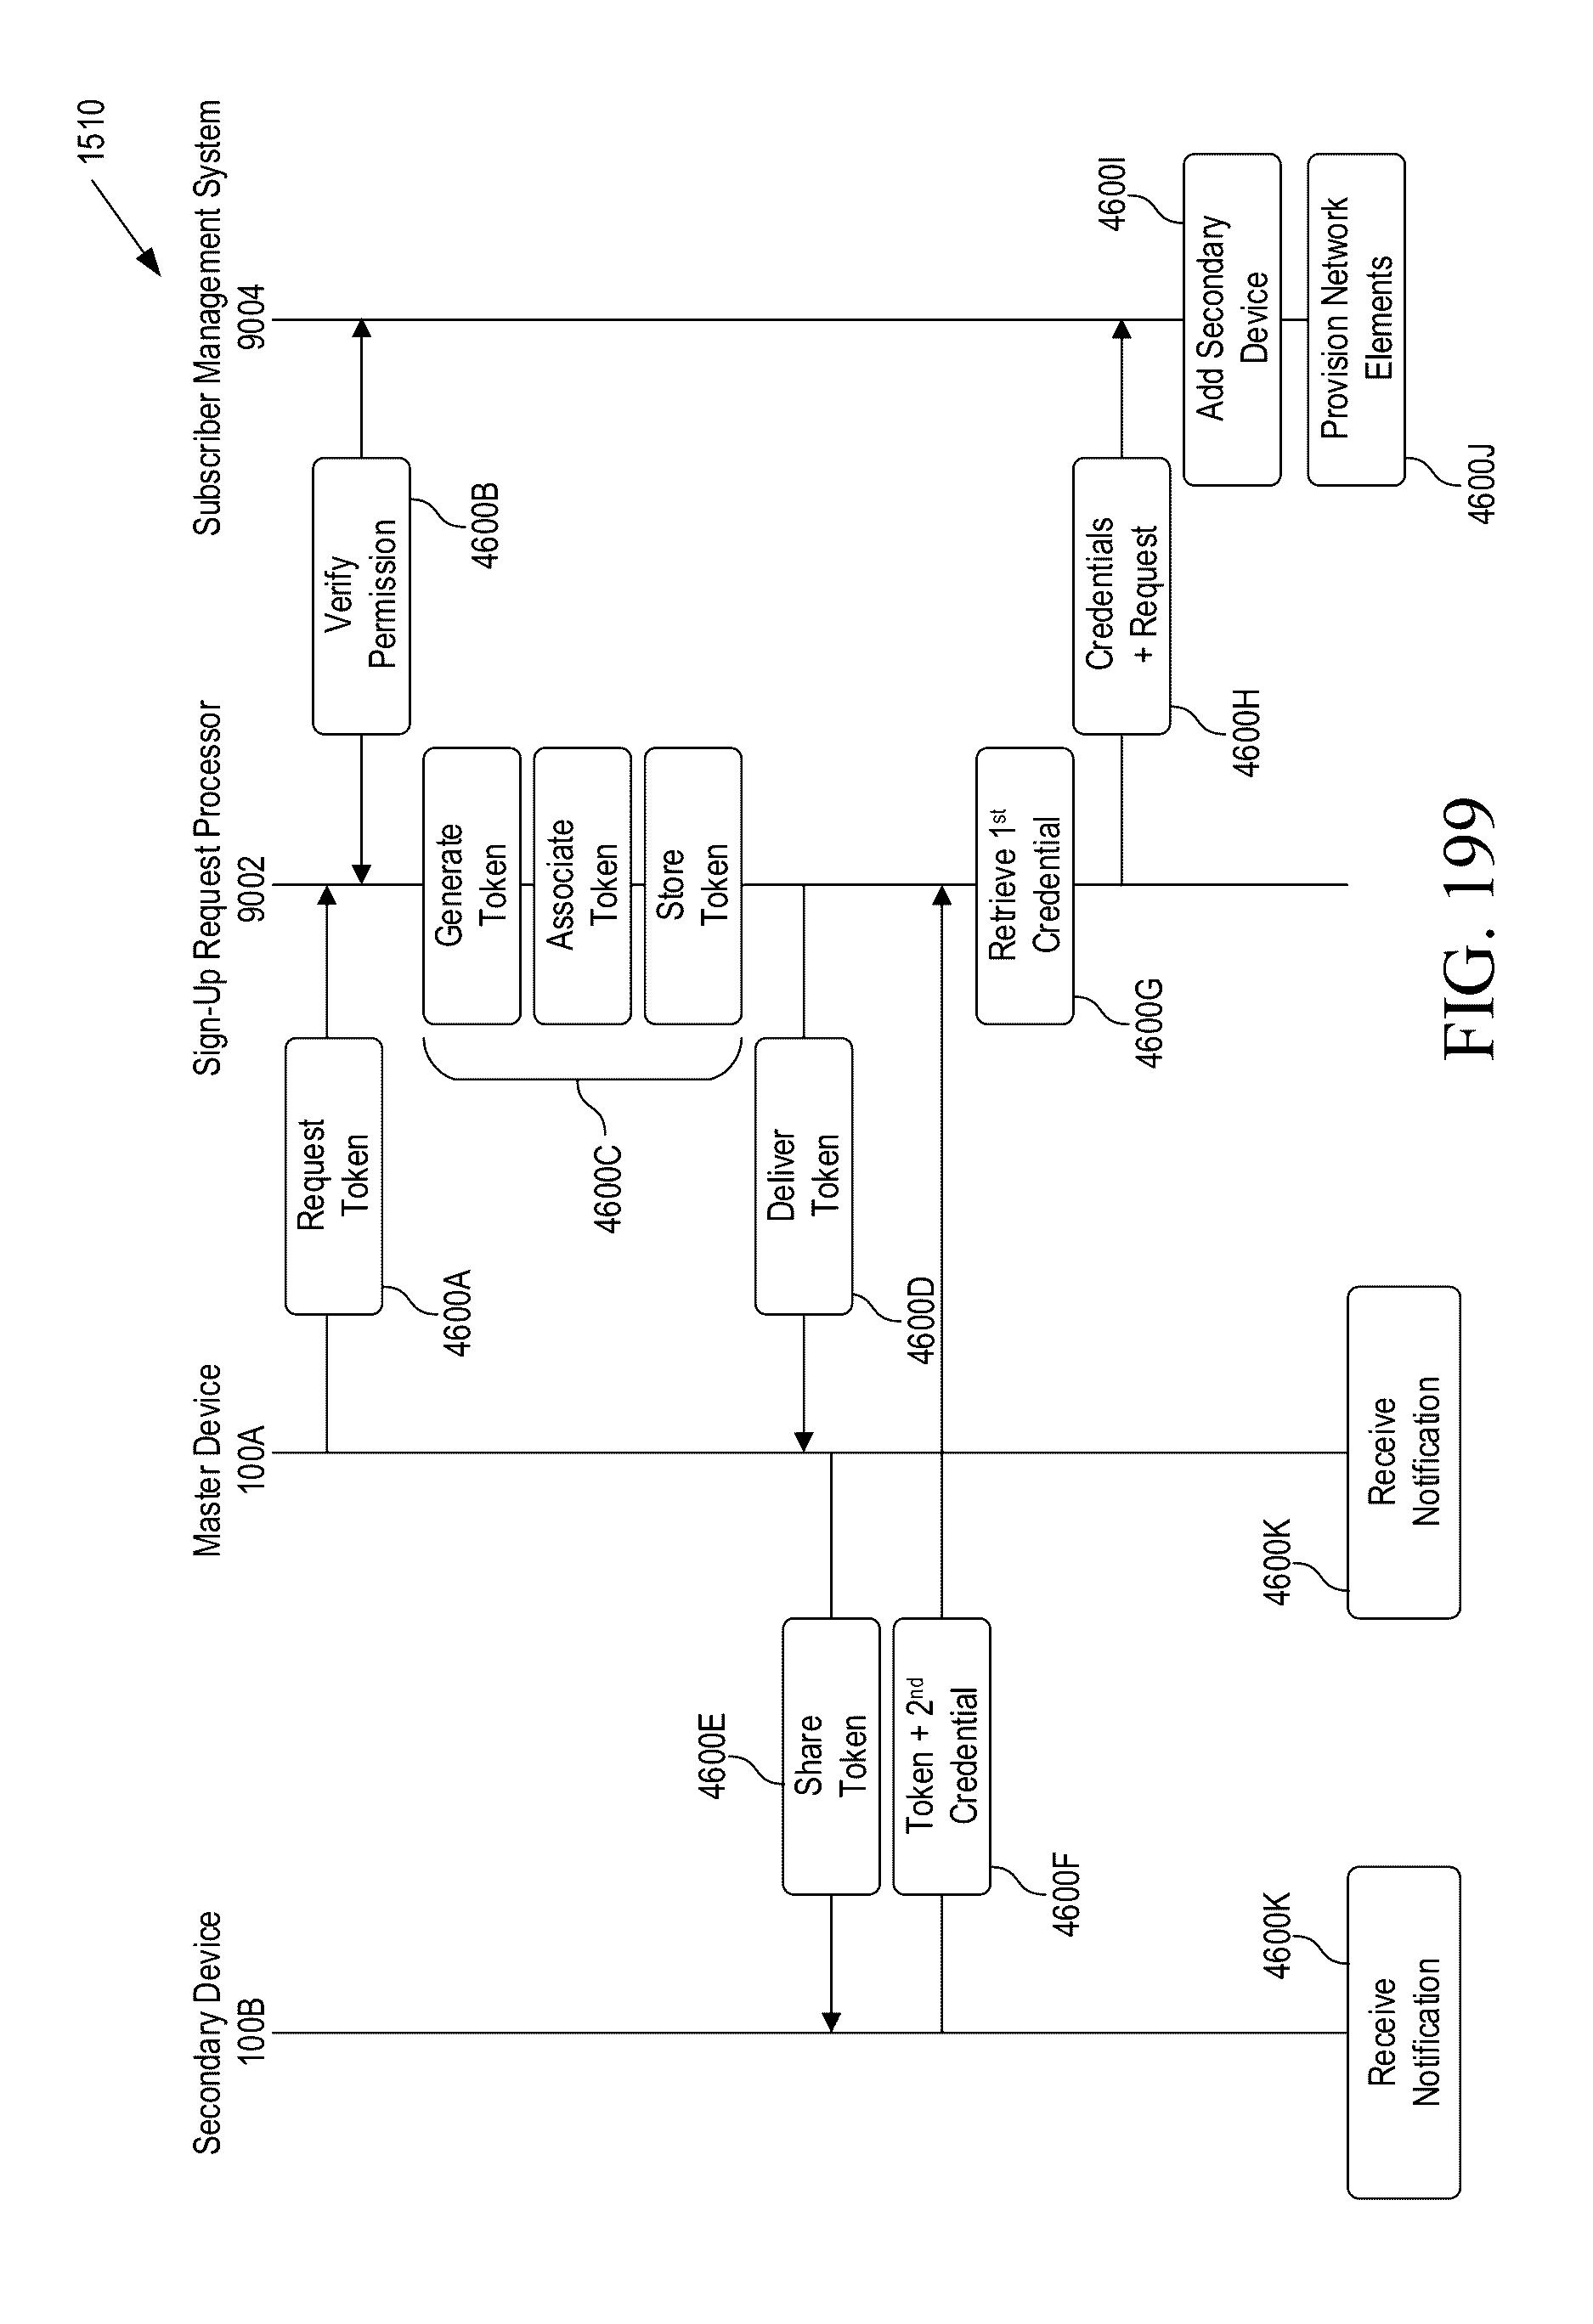 audio generator circuit diagram tradeoficcom wiring diagram yerpulse generator circuit diagram tradeoficcom blog wiring diagram audio generator circuit diagram tradeoficcom